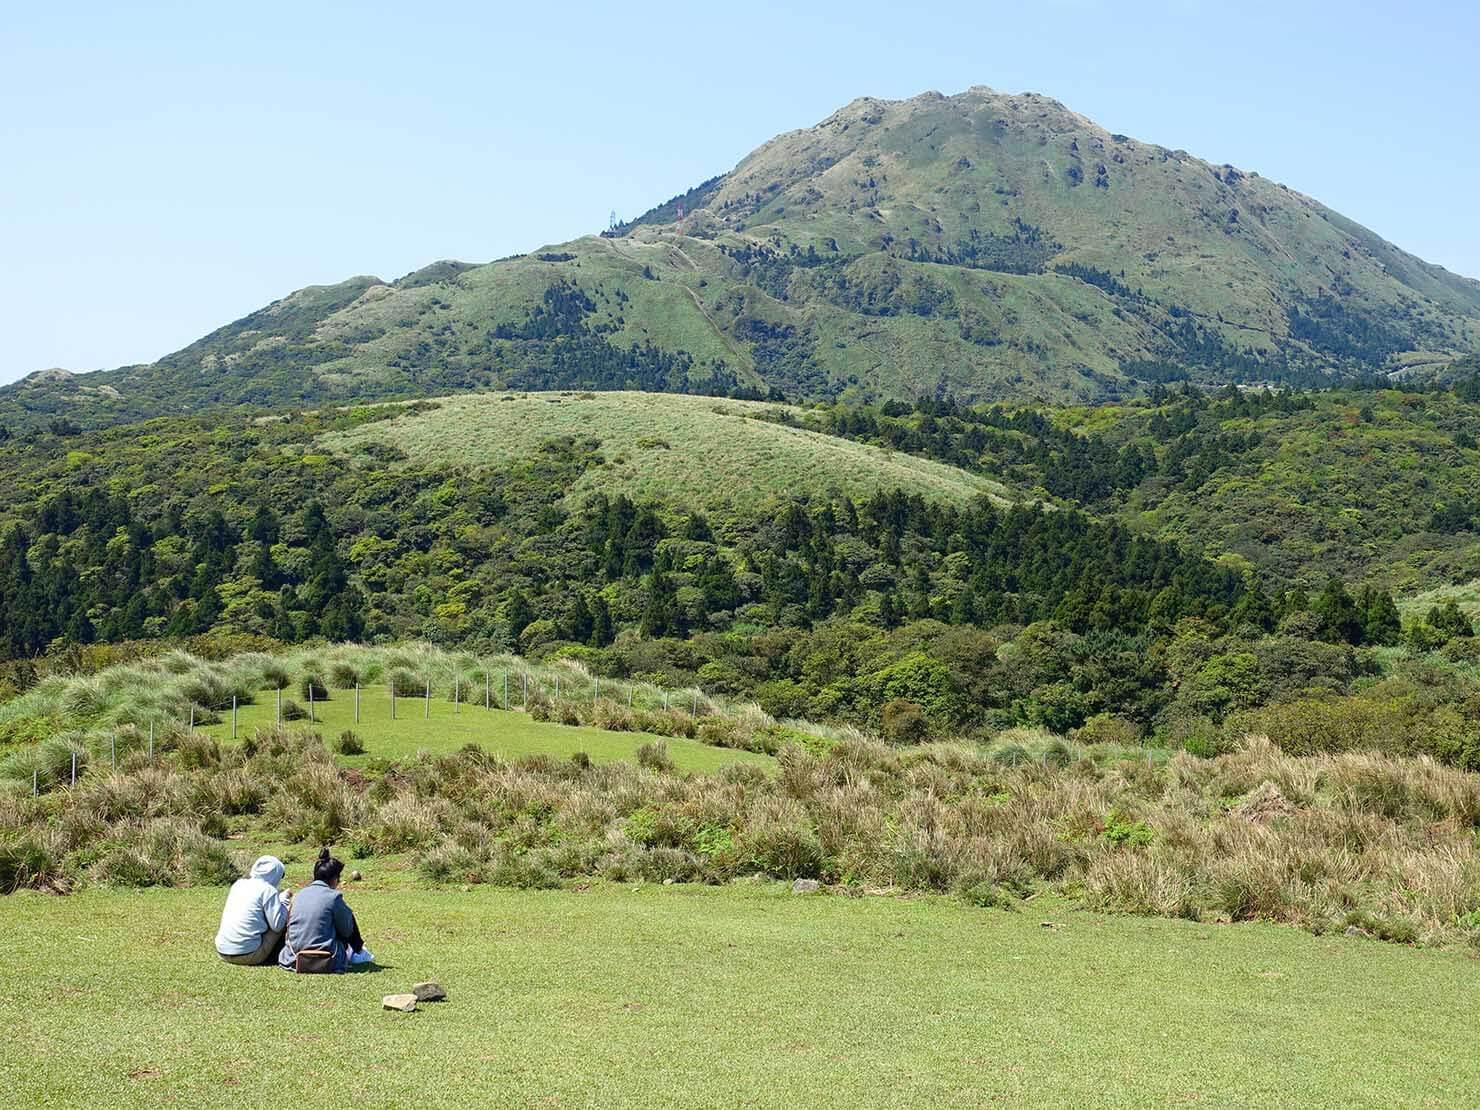 台北・陽明山のおすすめスポット「擎天崗」で草原に座るカップル